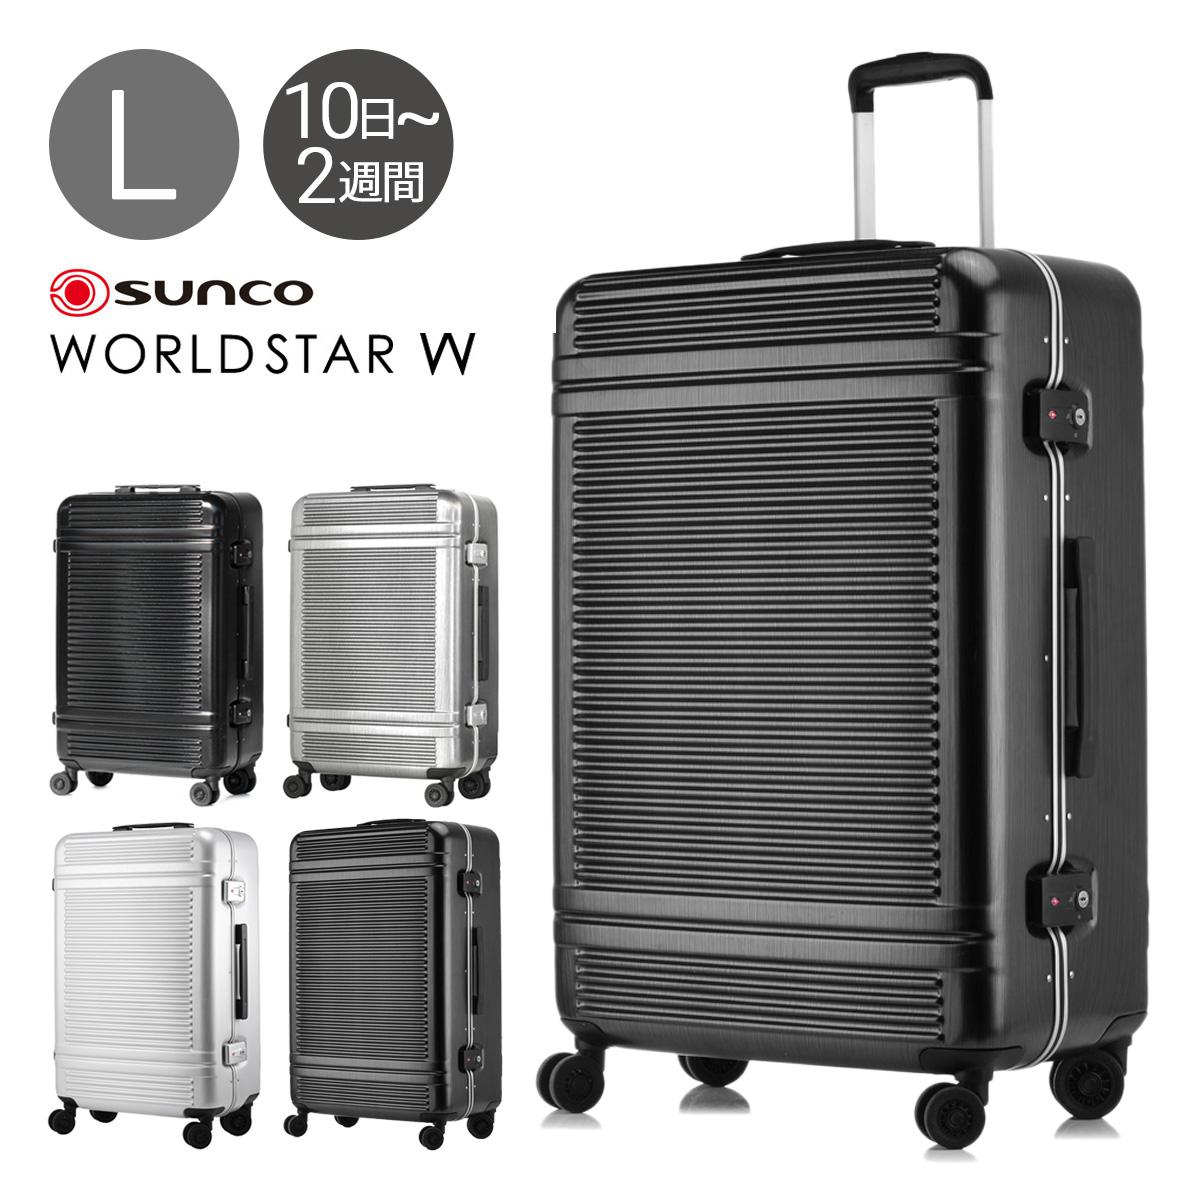 サンコー スーツケース WSW1-68 68cm 【 SUNCO ワールドスター WORLDSTAR W 】【 キャリーケース ビジネスキャリー 軽量 TSAロック搭載 】[bef][即日発送]